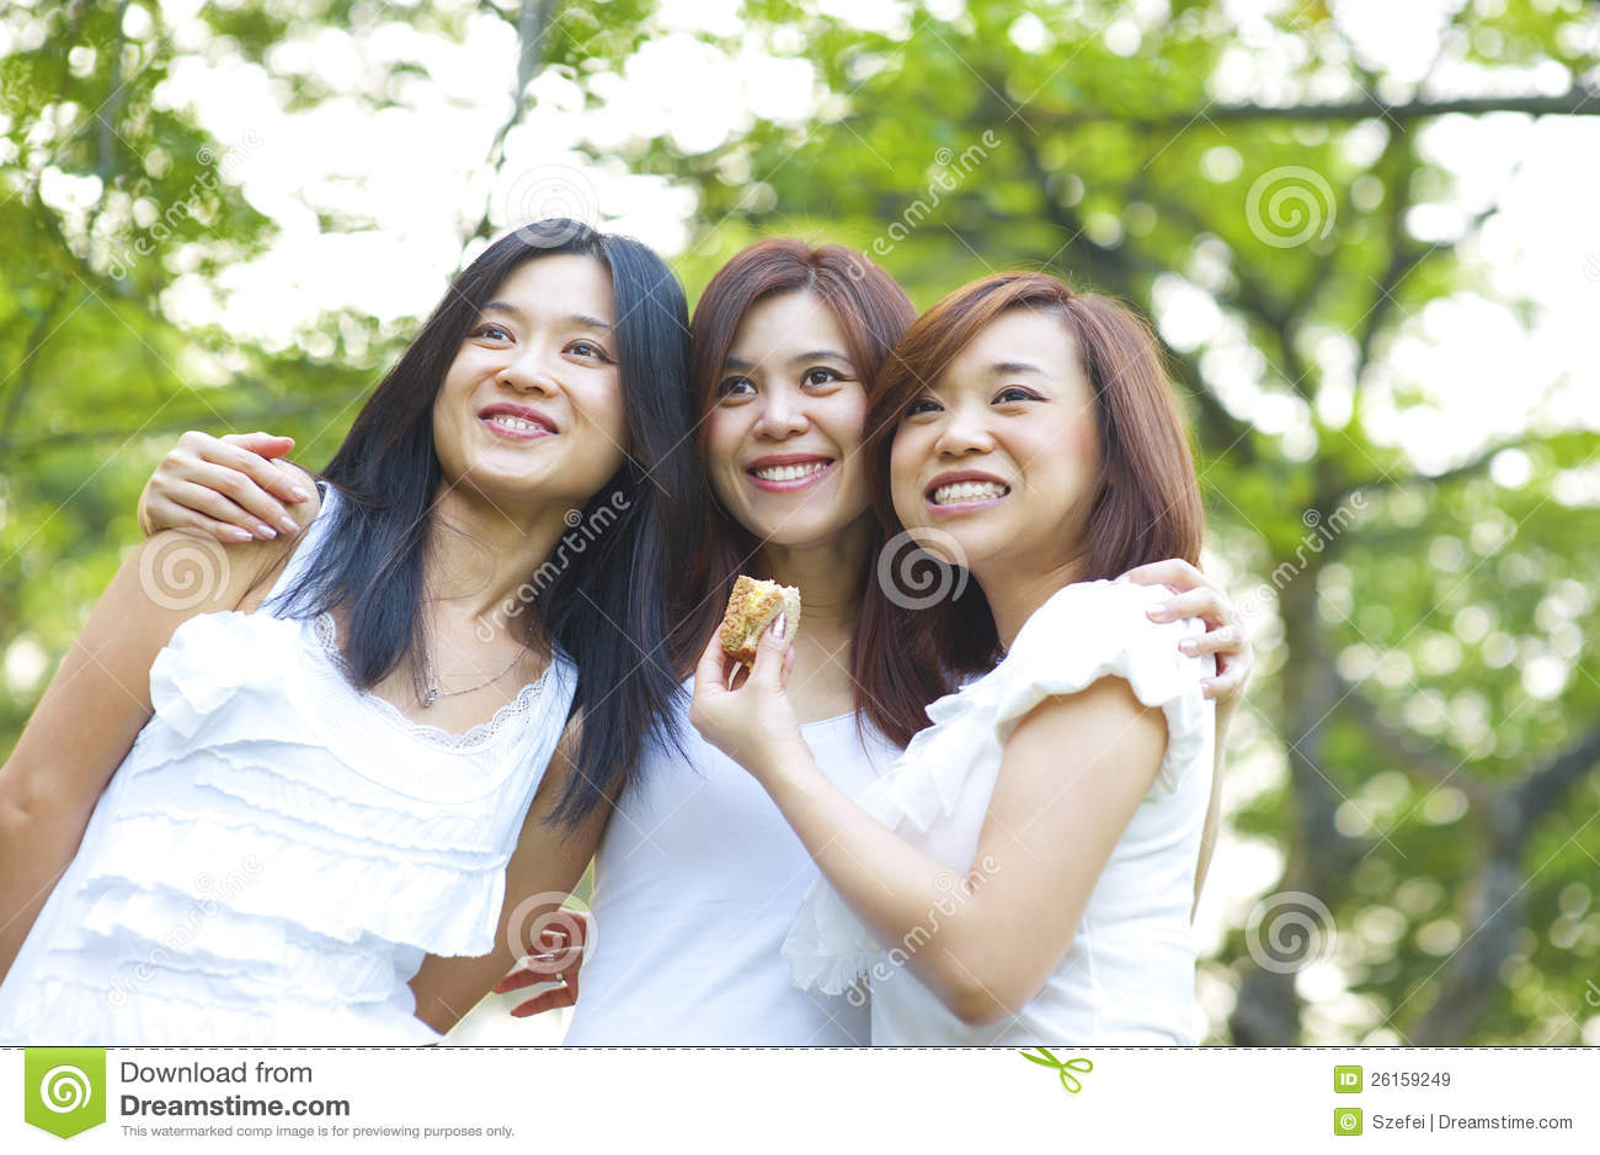 Asian young girls having fun